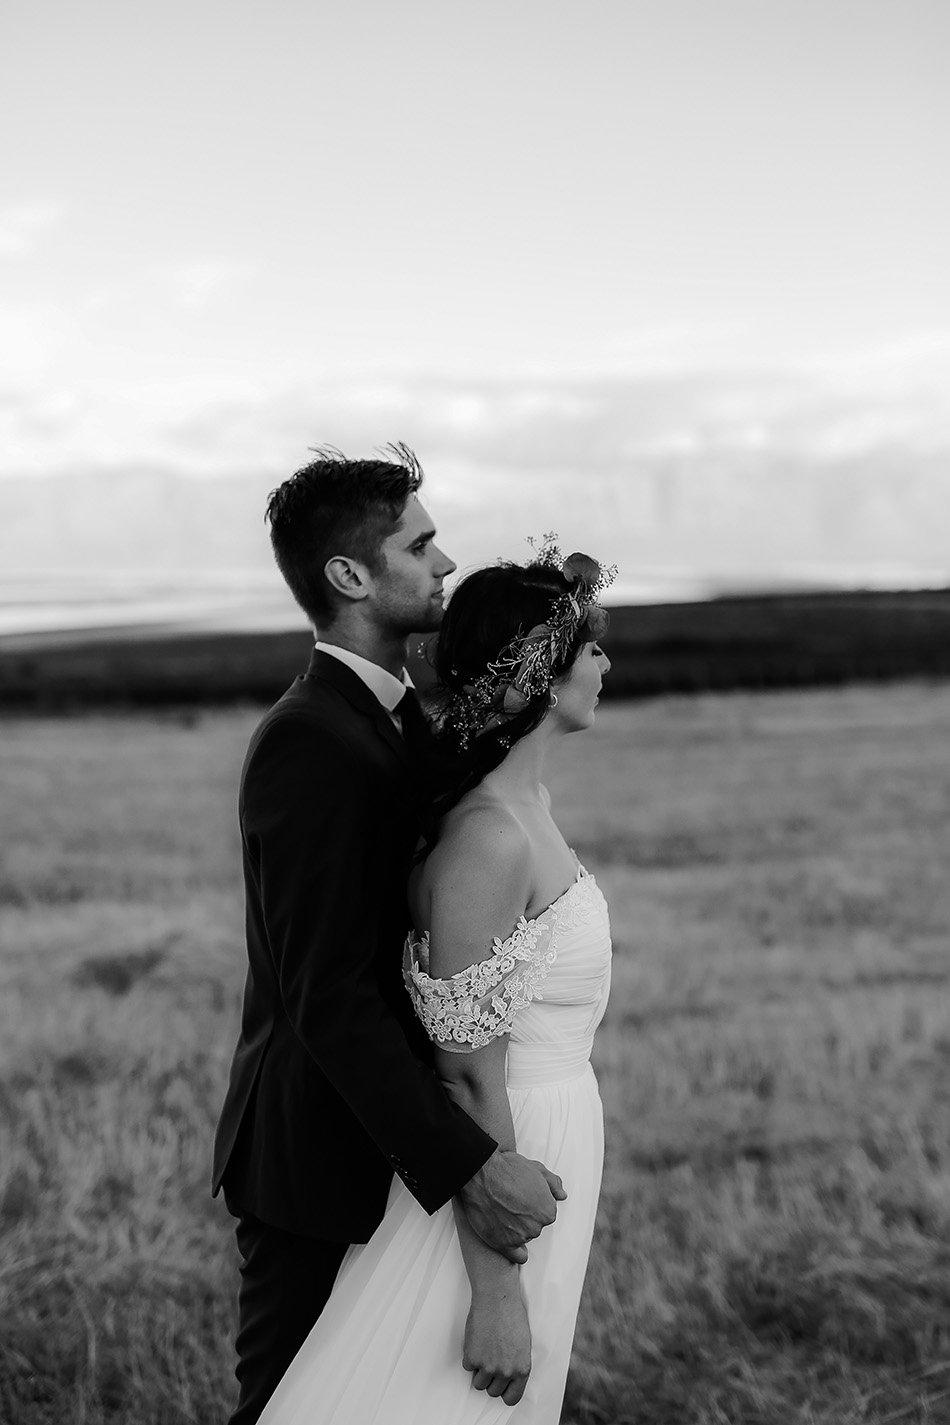 Odette&Andreas {Married@Groenrivier,Riebeek West}-129